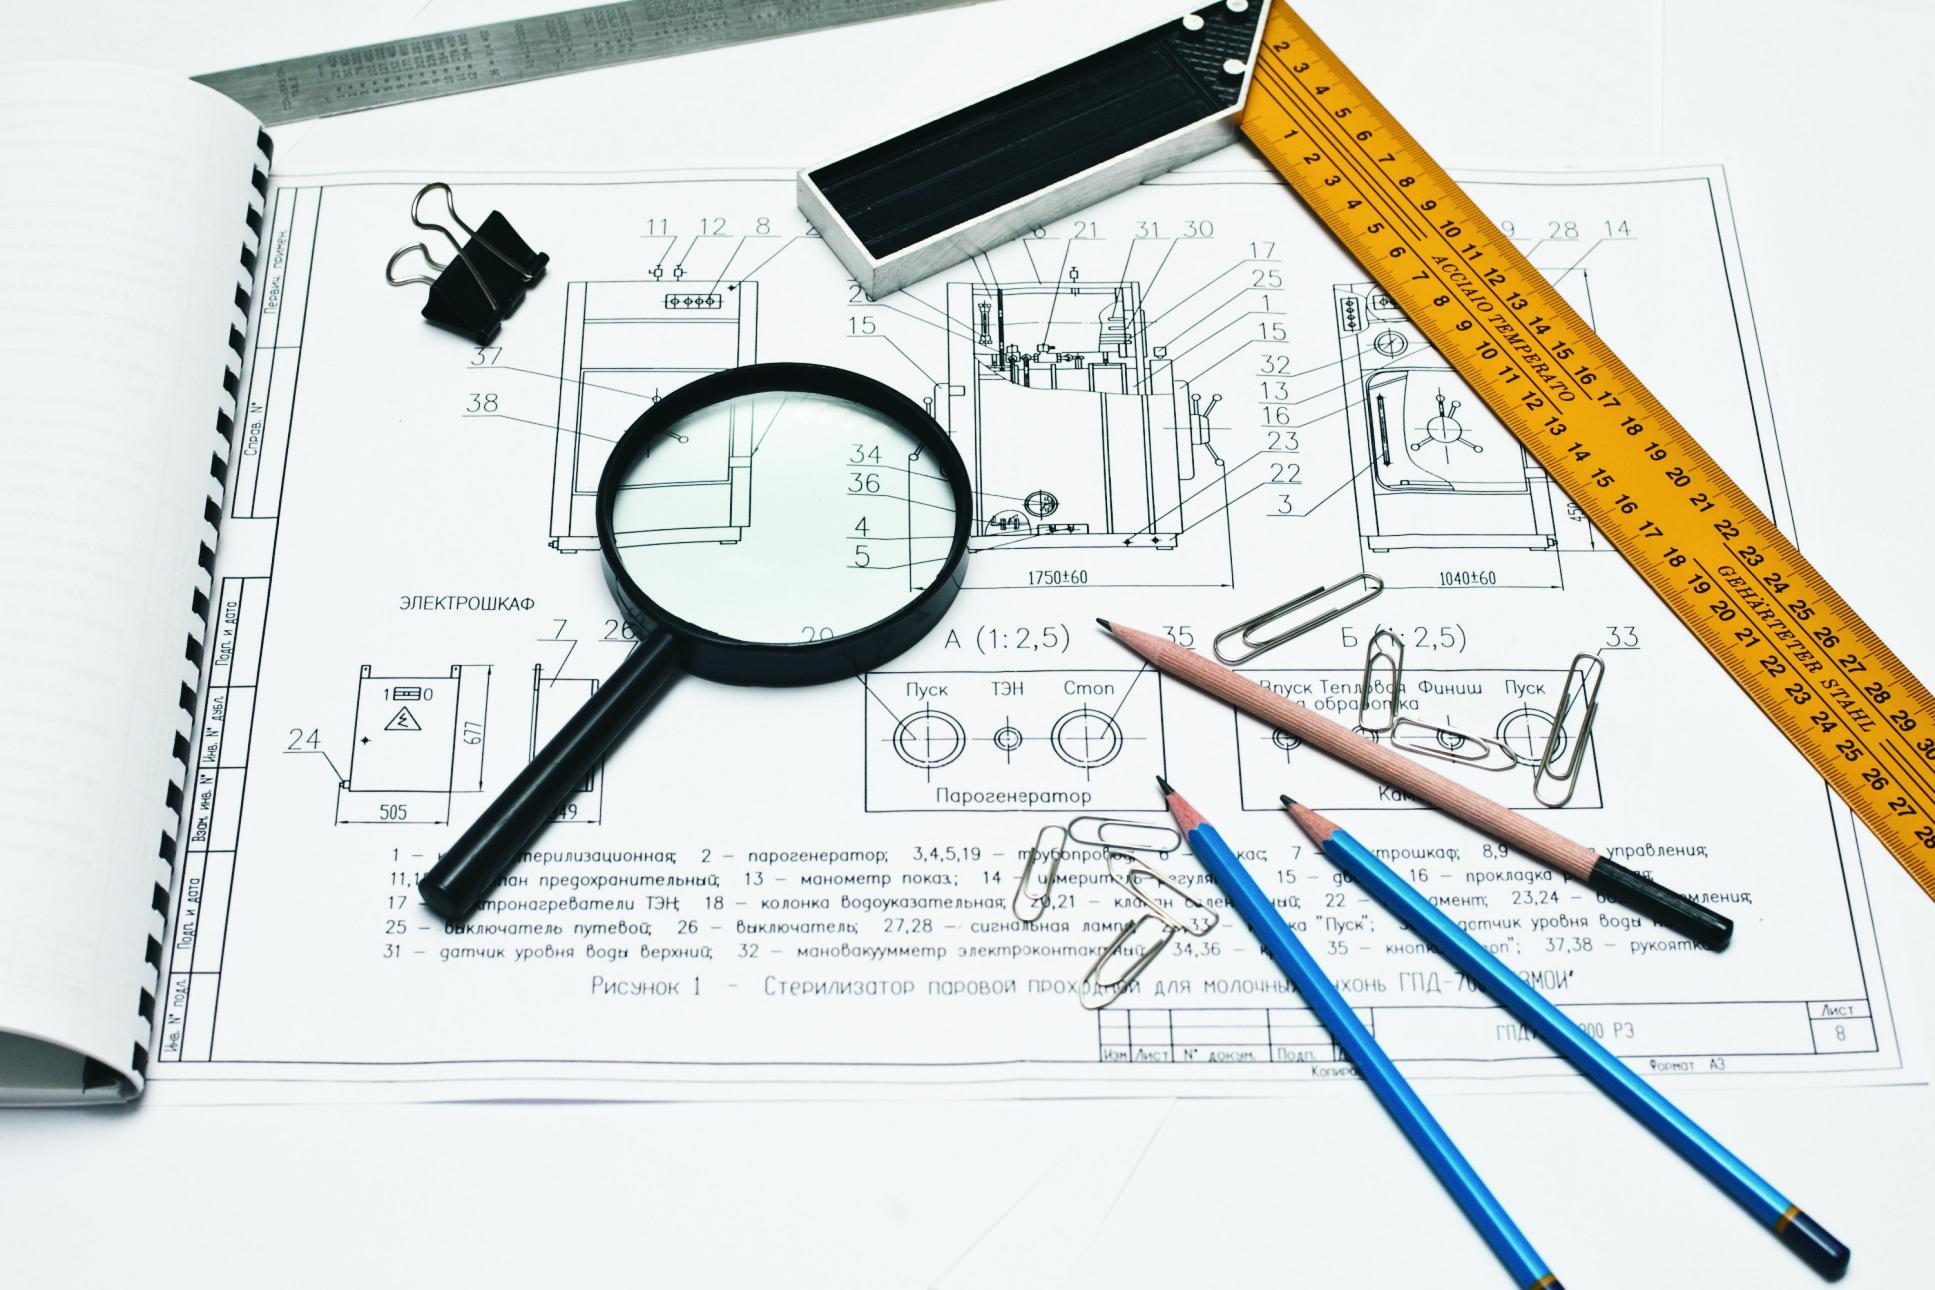 Стадии дизайна объектов технологической деятельности